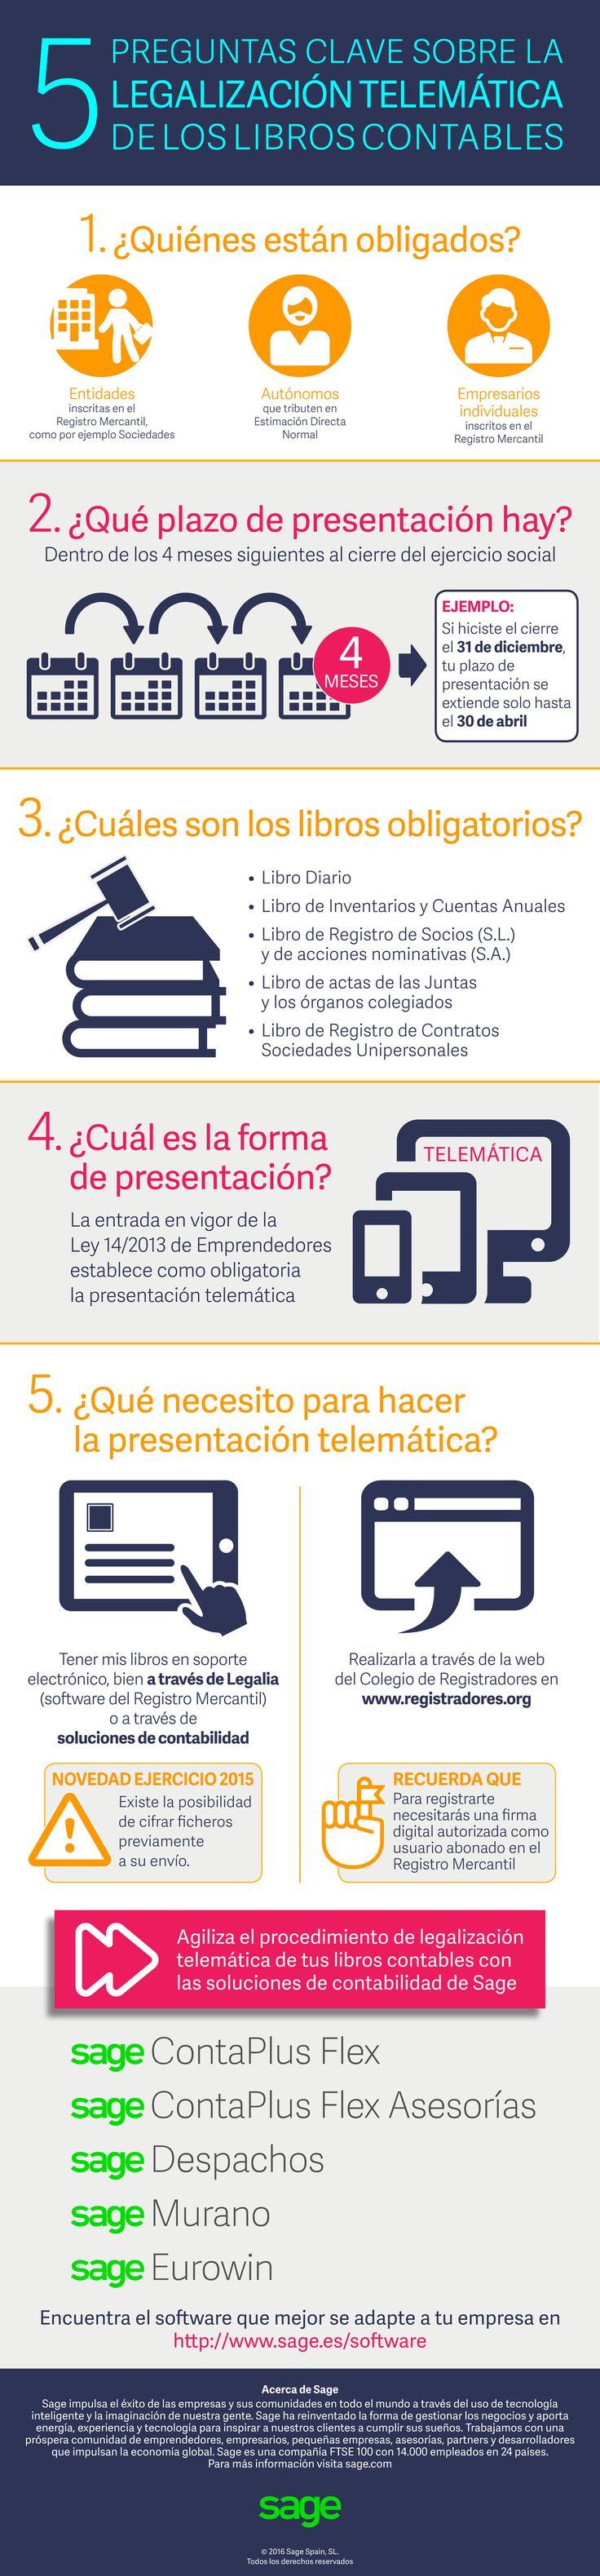 68 best Contabilidad images on Pinterest | Contabilidad, Financiero ...